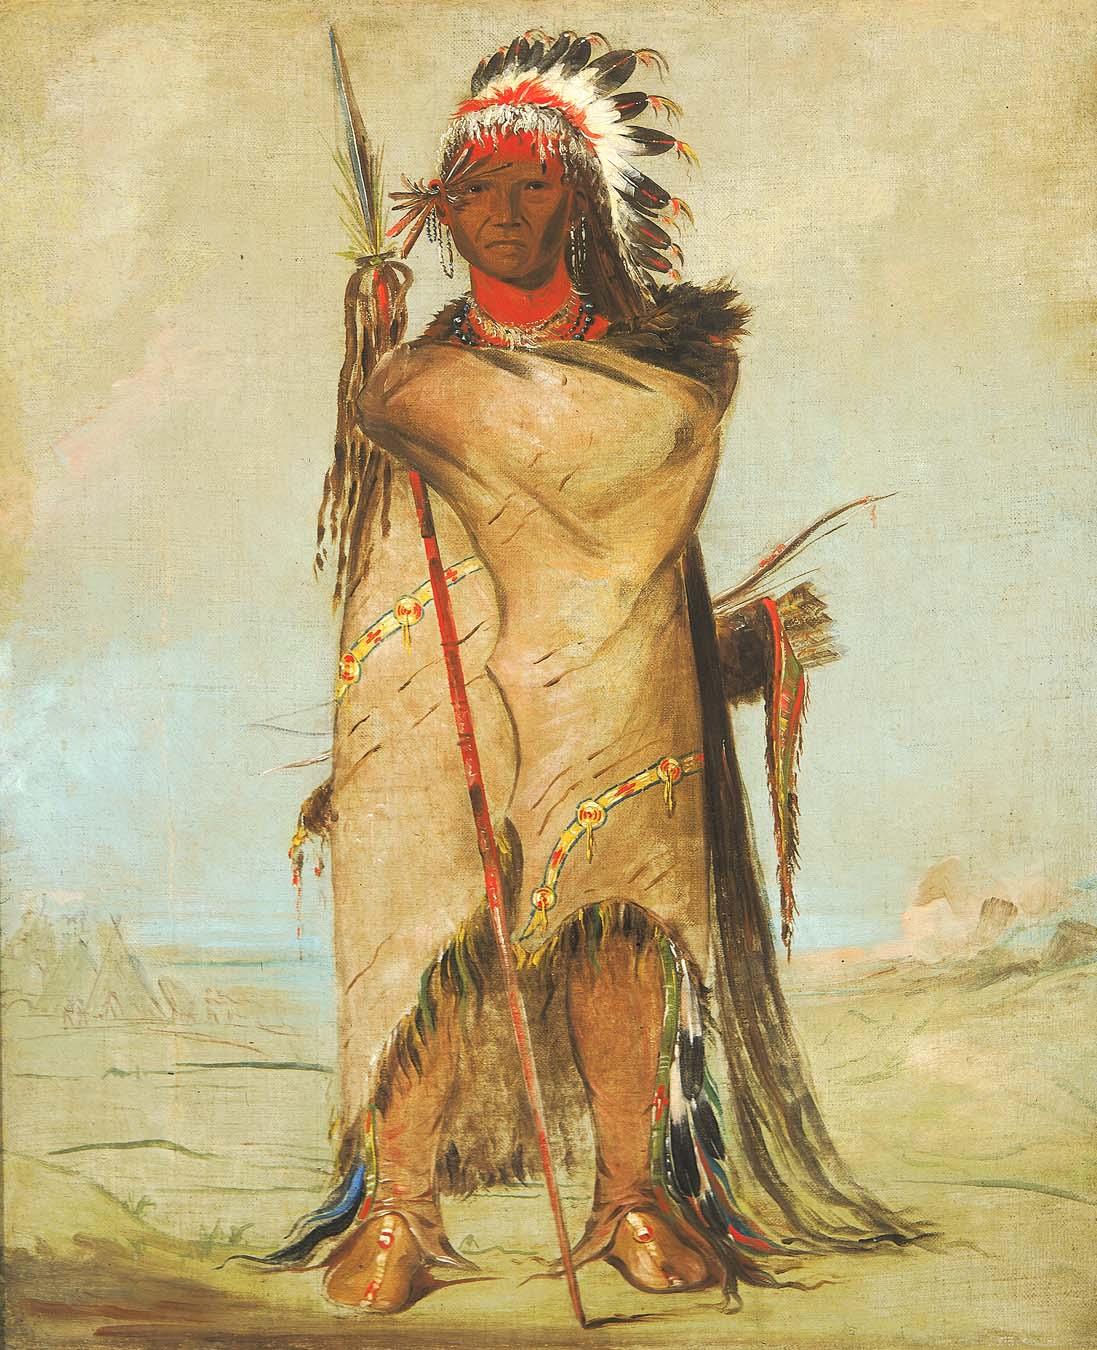 Hawaiian Warrior Headdress Warrior With Headdress